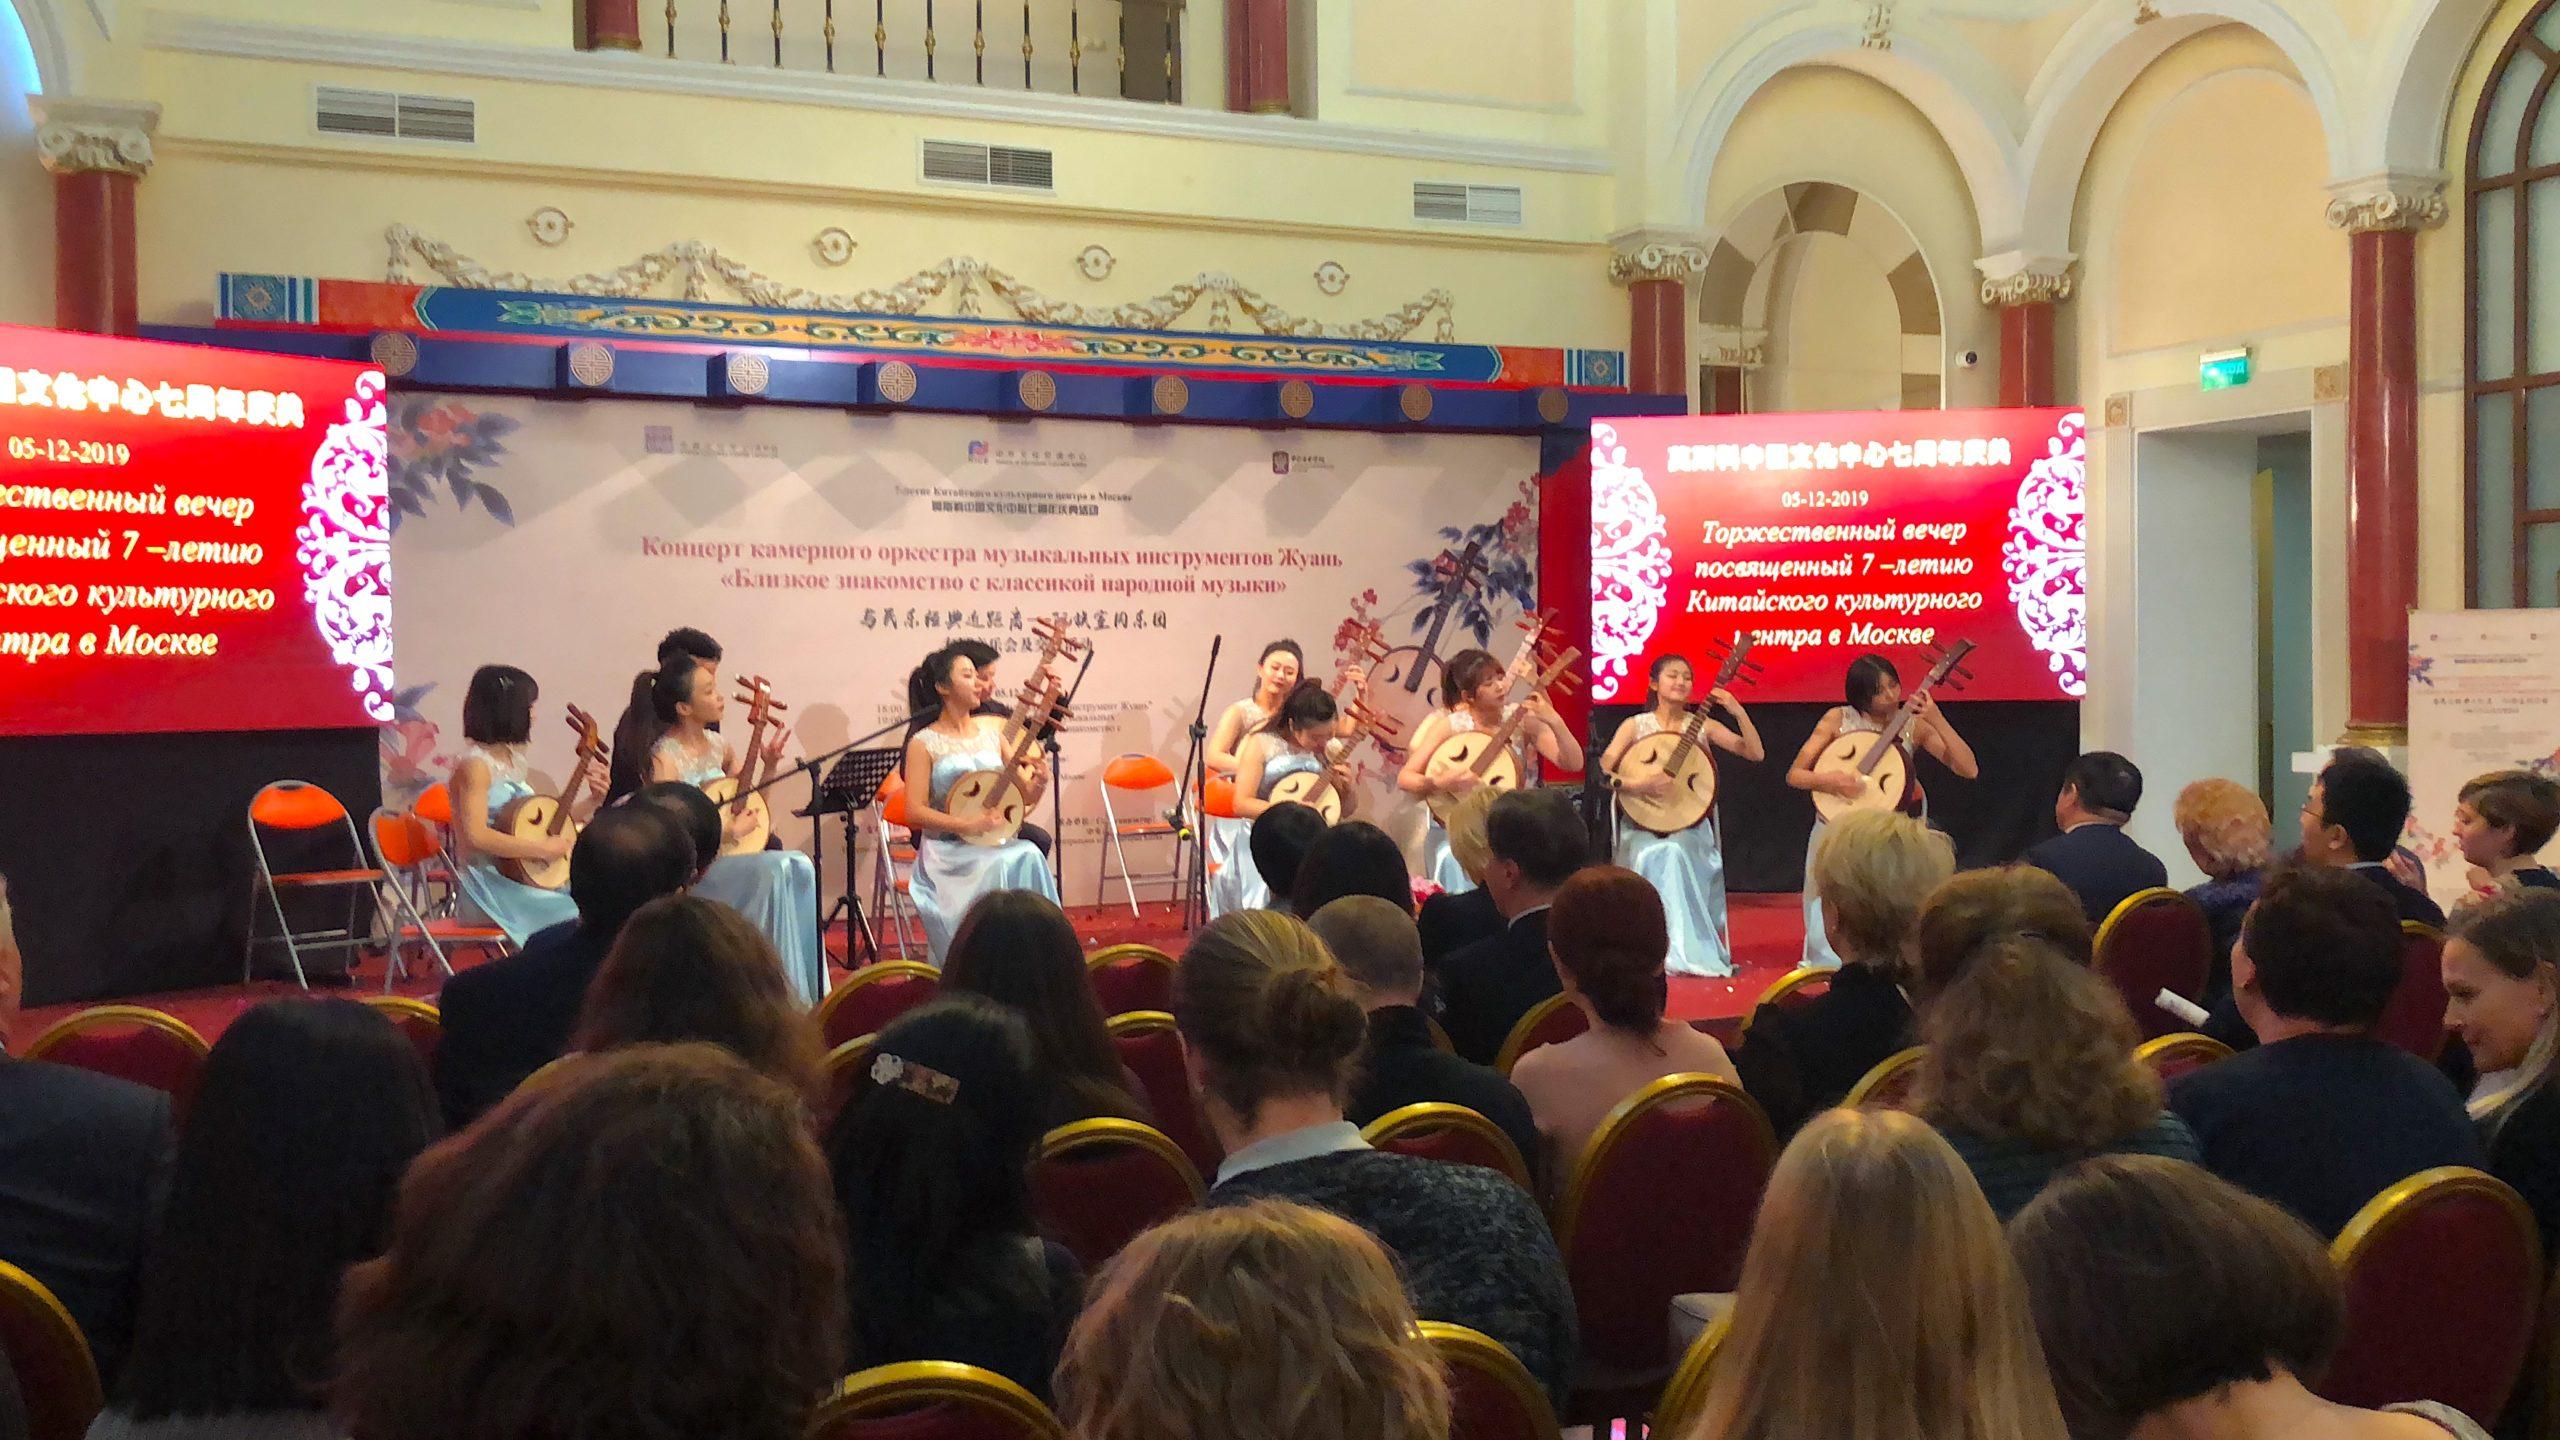 Концерт в честь 7-летия Китайского культурного центра в Москве